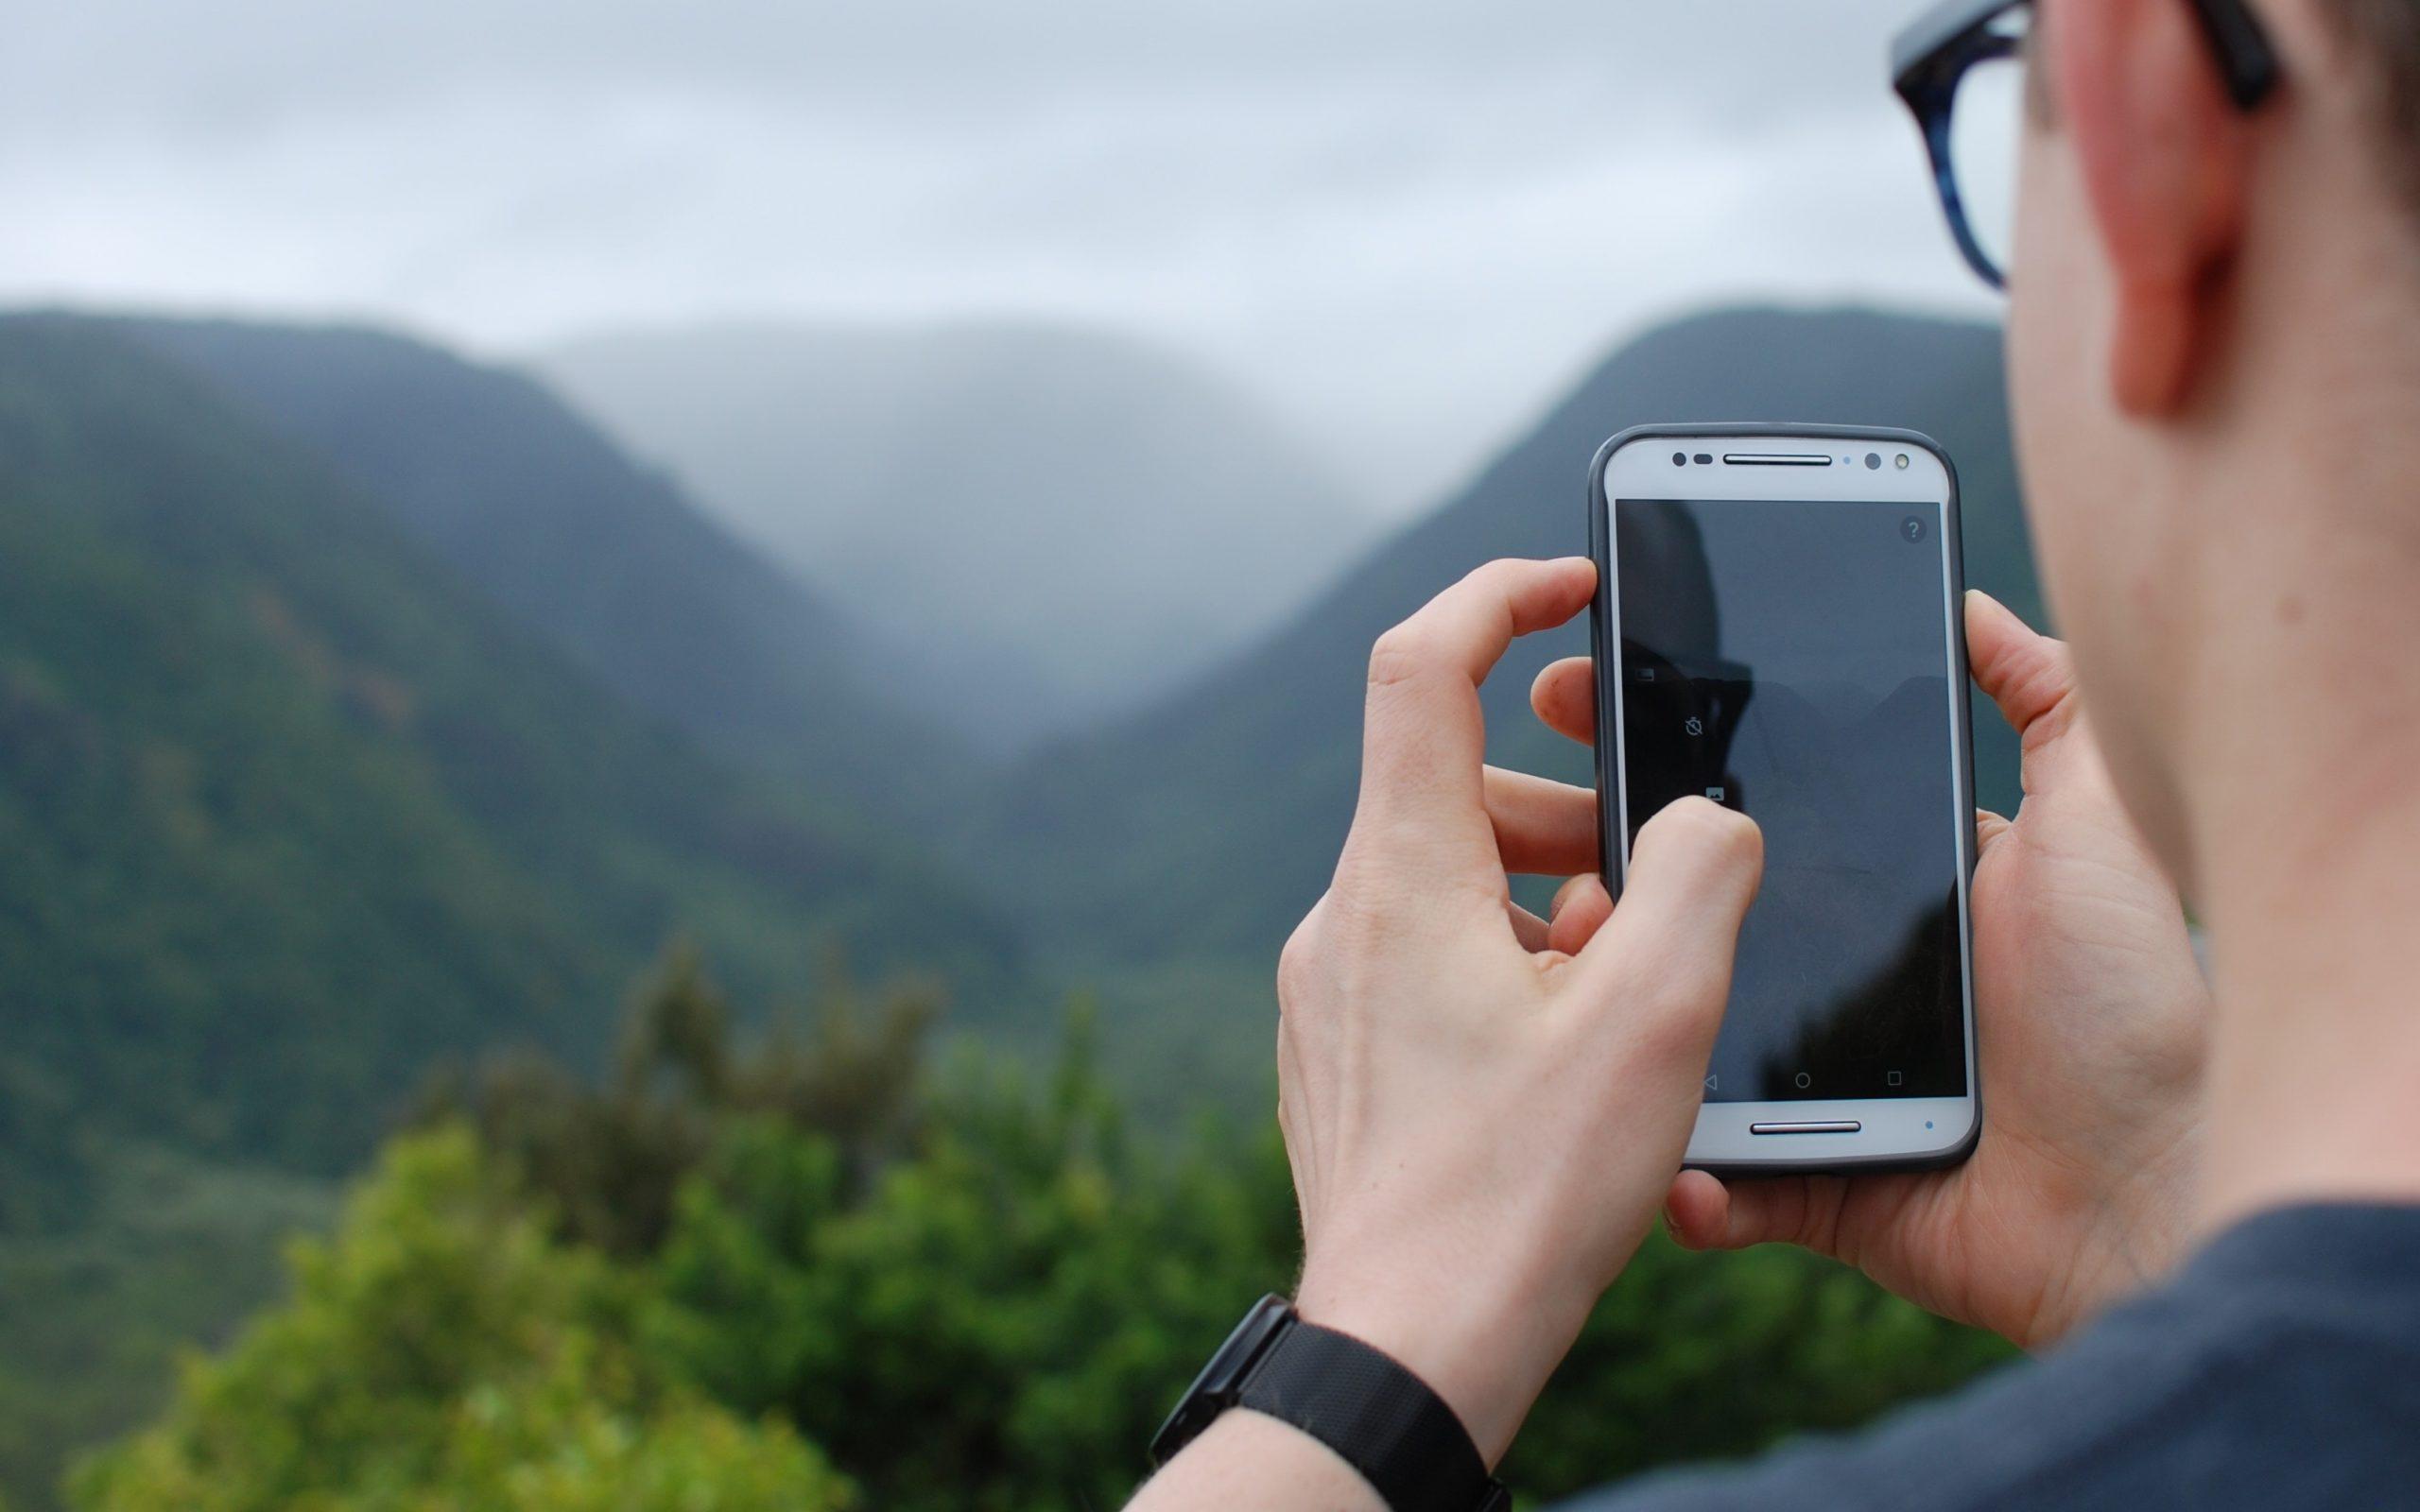 Тверичане стали больше пользоваться смартфонами и связью за границей